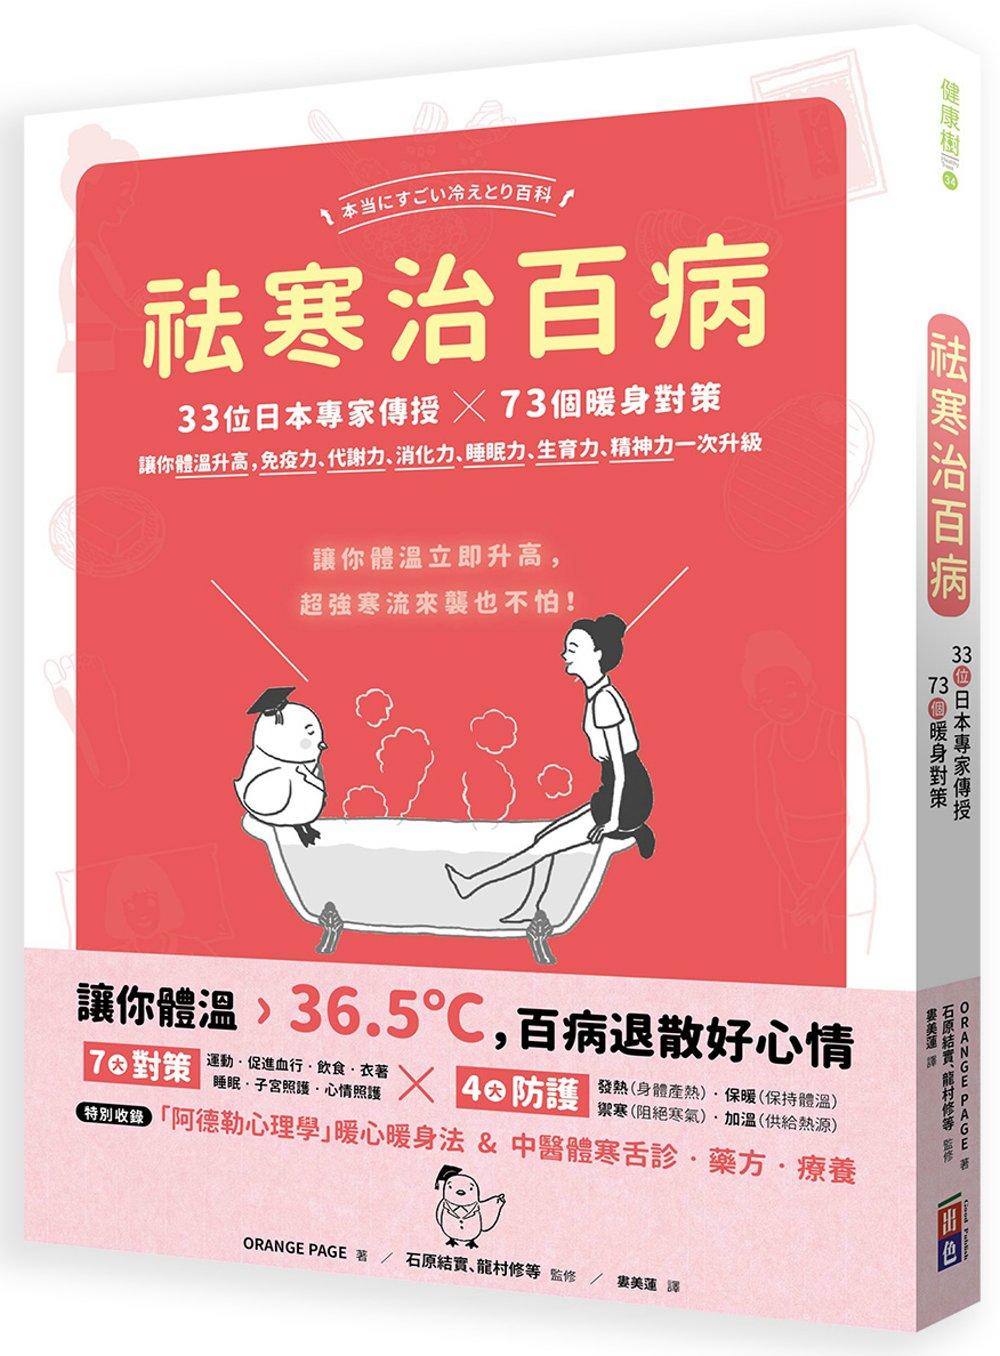 《祛寒治百病:33位日本專家傳授73個暖身對策,讓你體溫升高,免疫力、代謝力、消化力、睡眠力、生育力、精神力一次升級》 商品條碼,ISBN:9789869537933